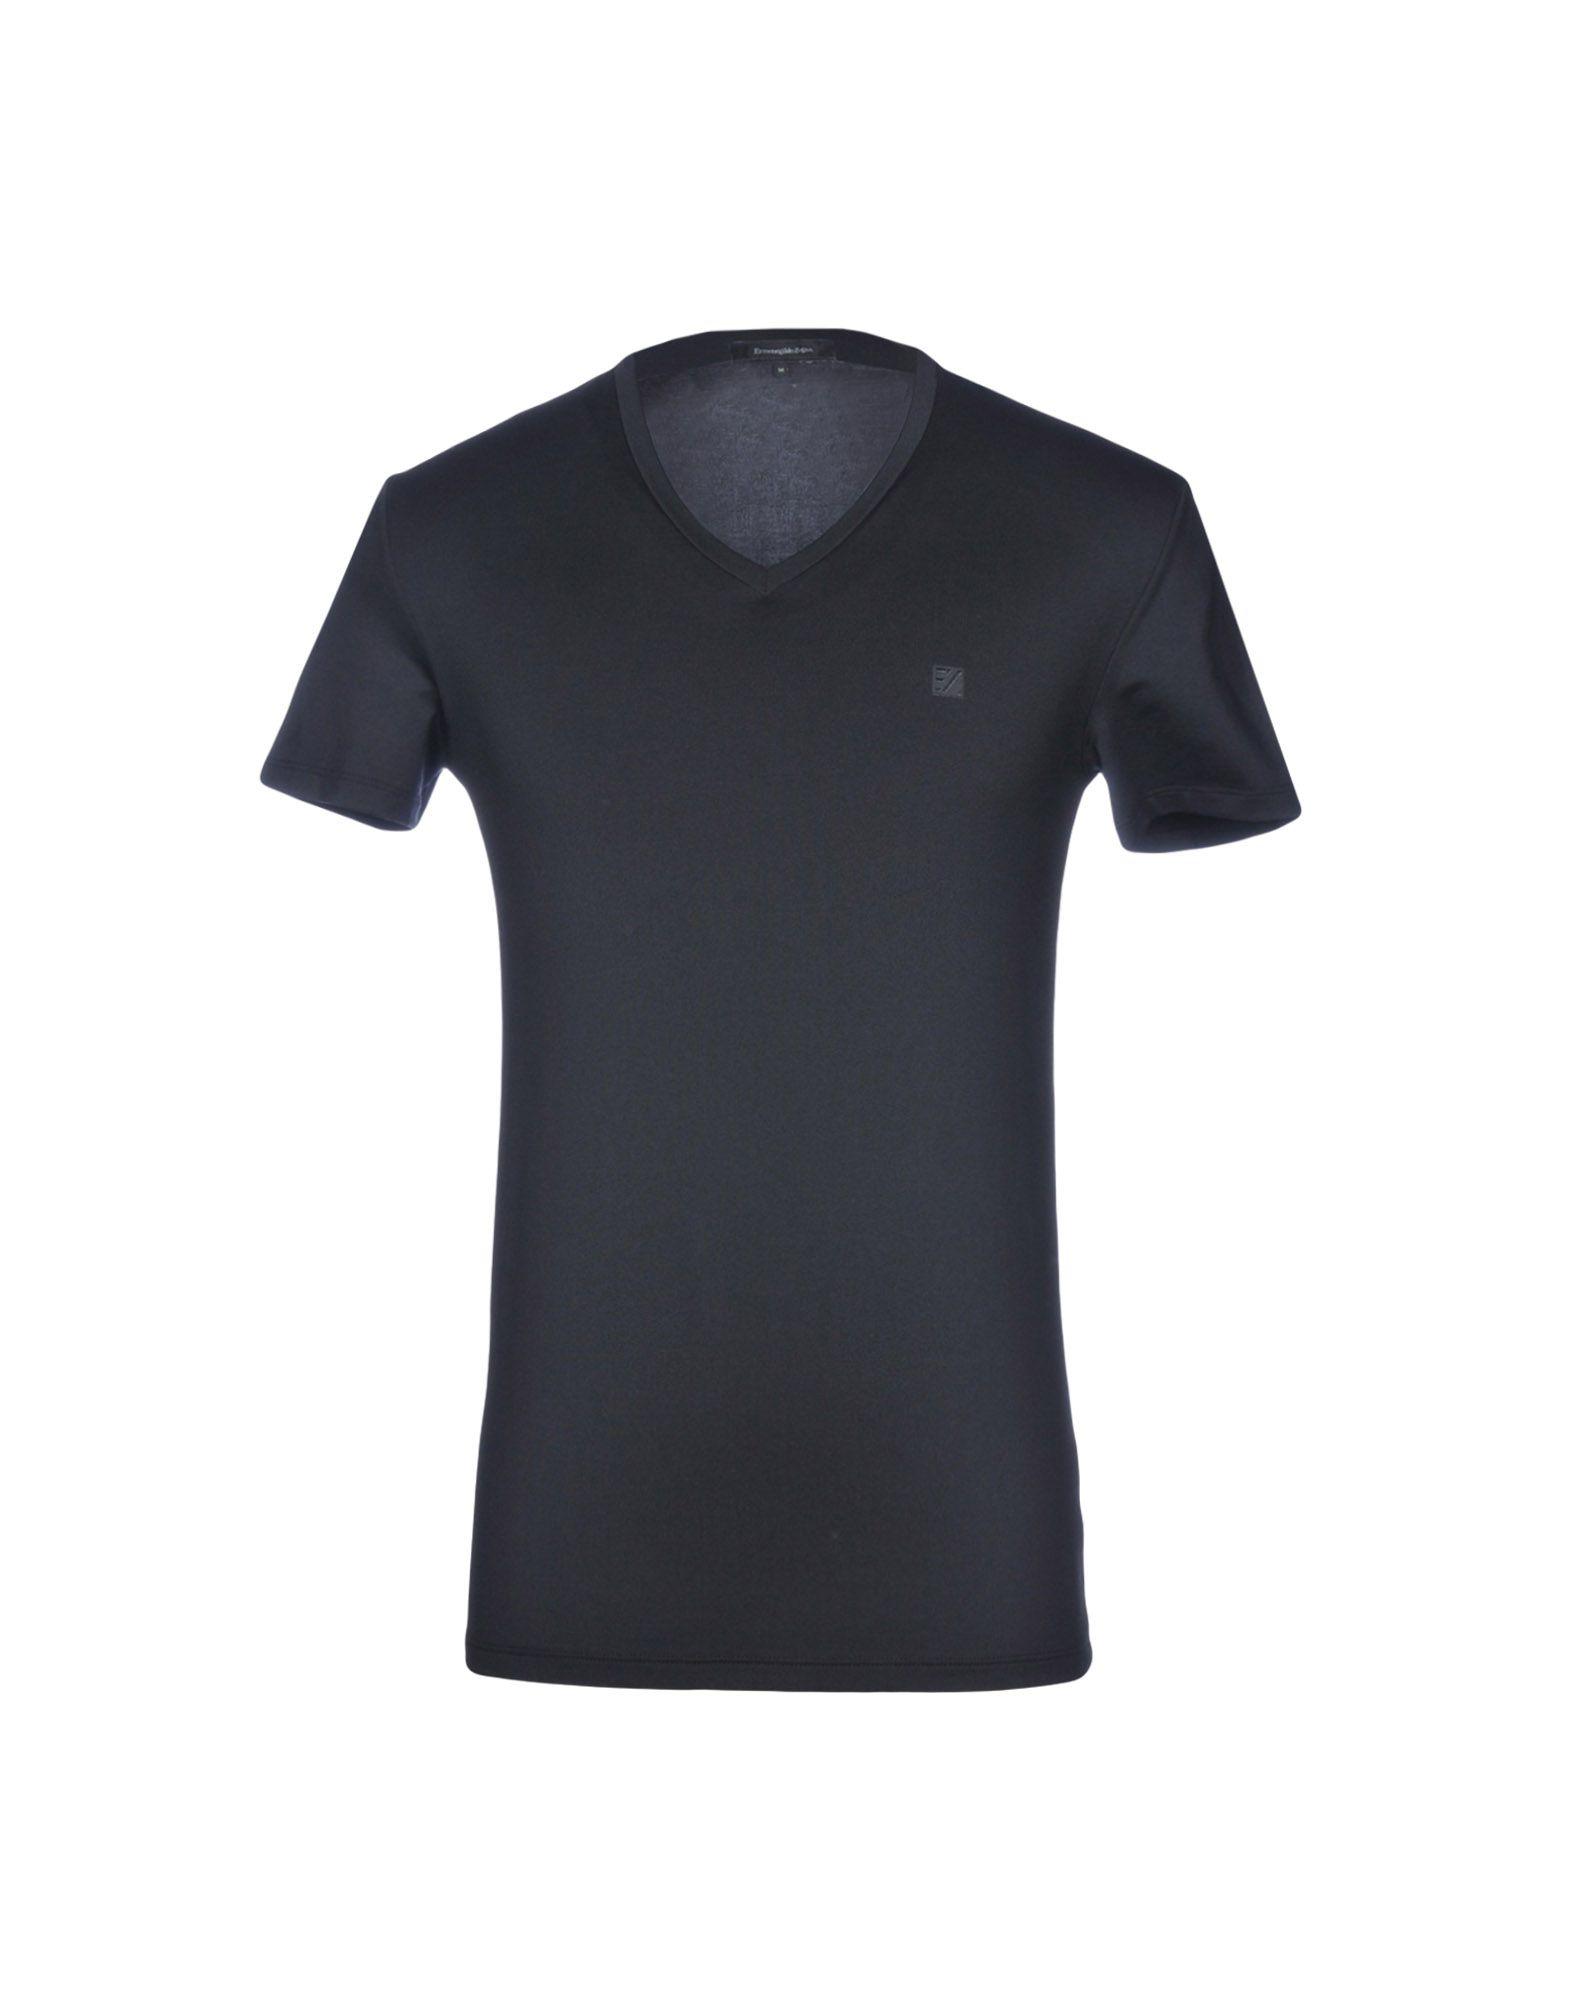 《送料無料》ERMENEGILDO ZEGNA メンズ アンダーTシャツ ブラック S コットン 56% / ポリエステル 34% / ポリウレタン 10%